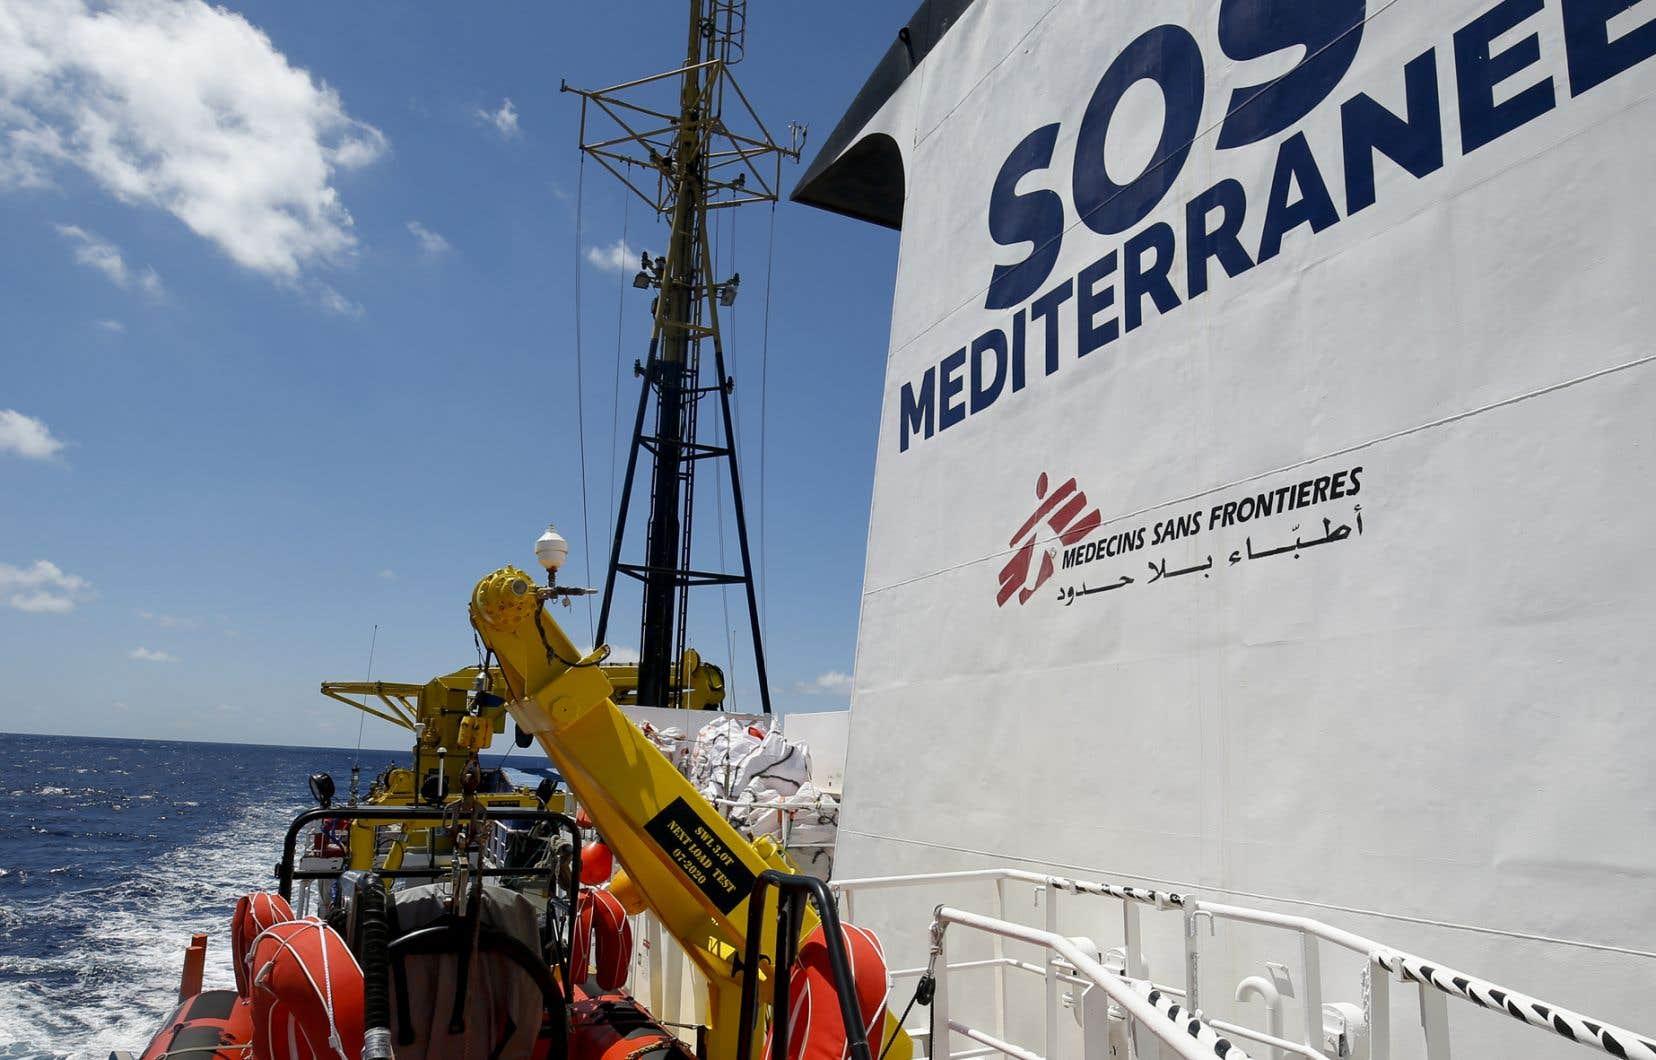 Alors qu'un rapport d'expert a fait état d'une moyenne de huit morts par jour en septembre au large de la Libye, le collectif veut «vaincre la peur et le mépris avec la solidarité et l'humanité», a expliqué Ada Talarico, membre de Mediterranea.